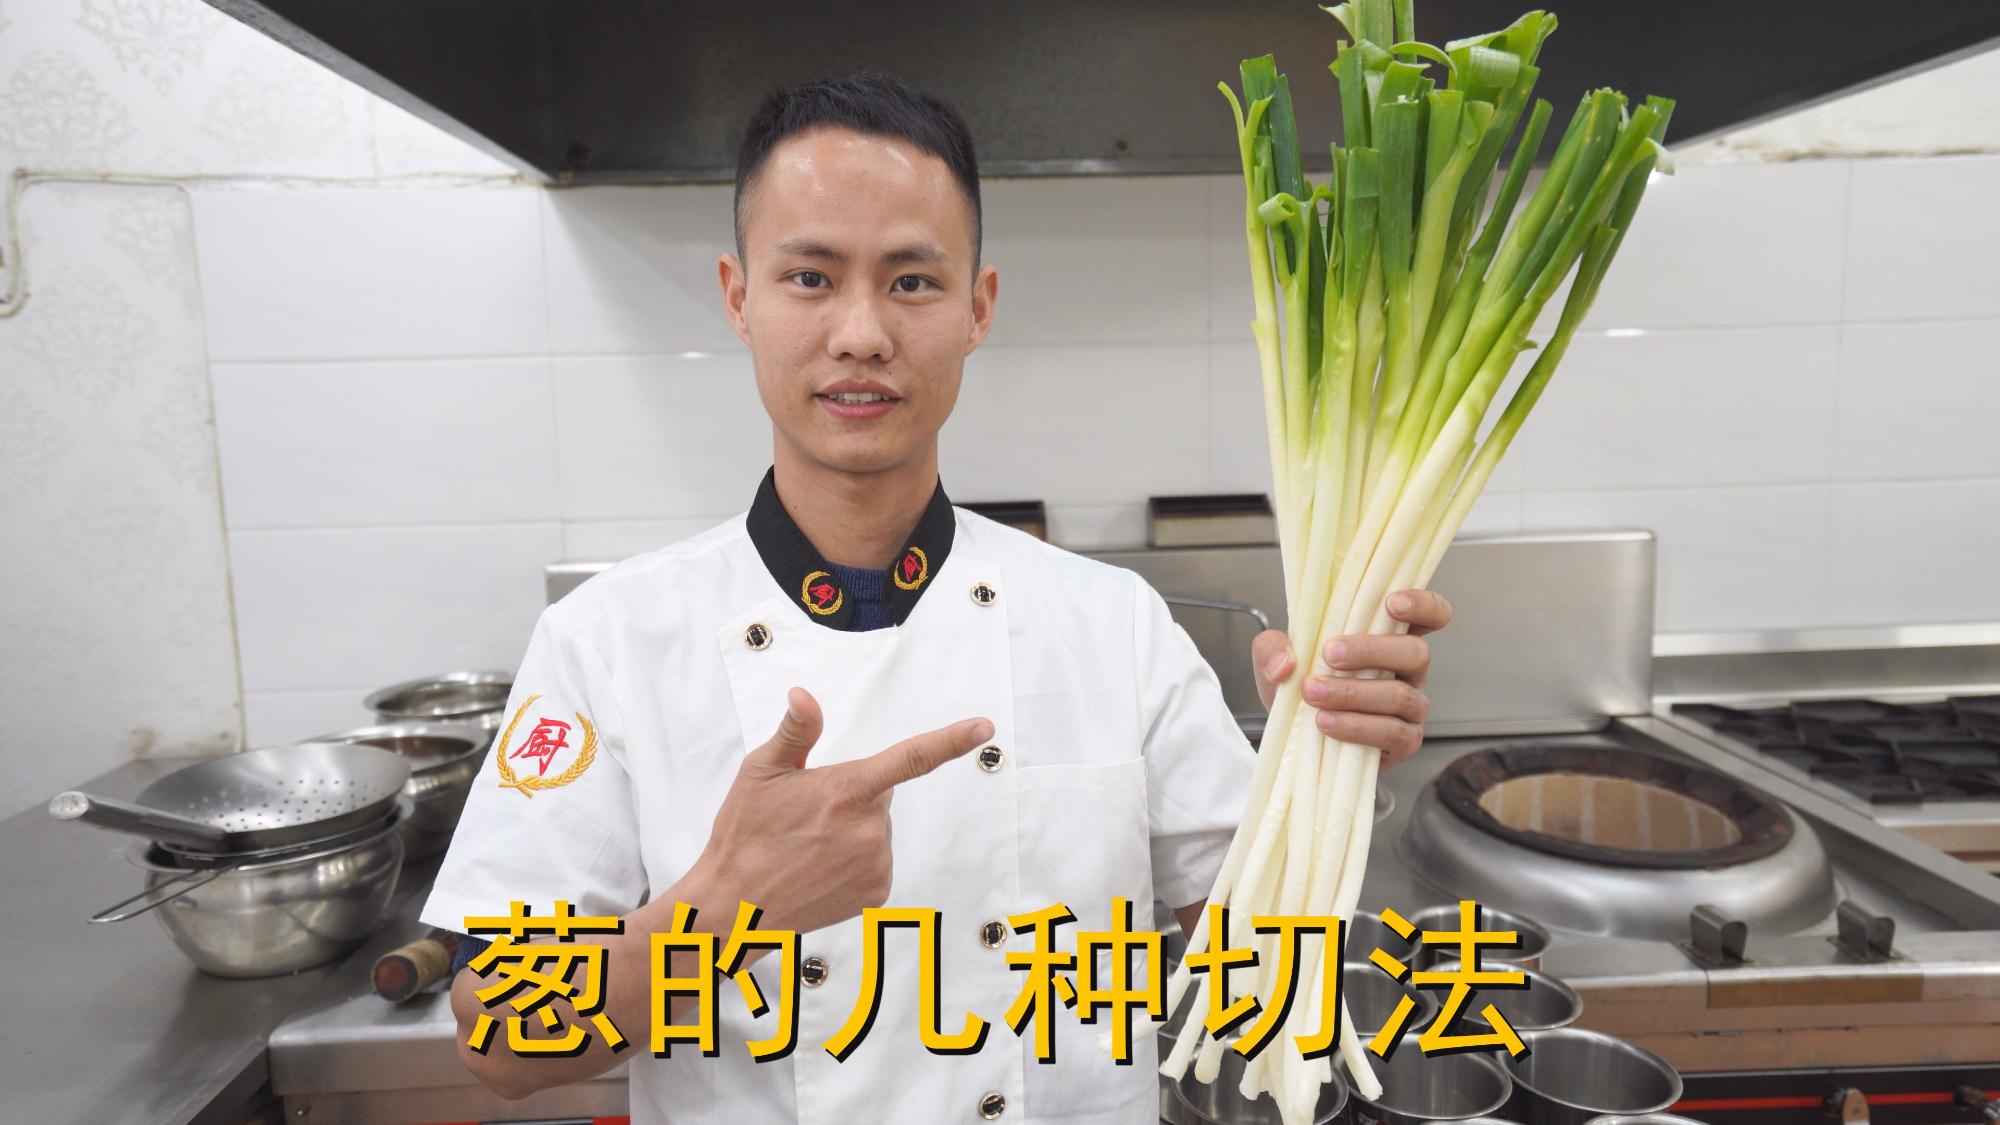 """厨师长教你:""""葱的几种切法""""与应用,教科书式的操作,先收藏了"""